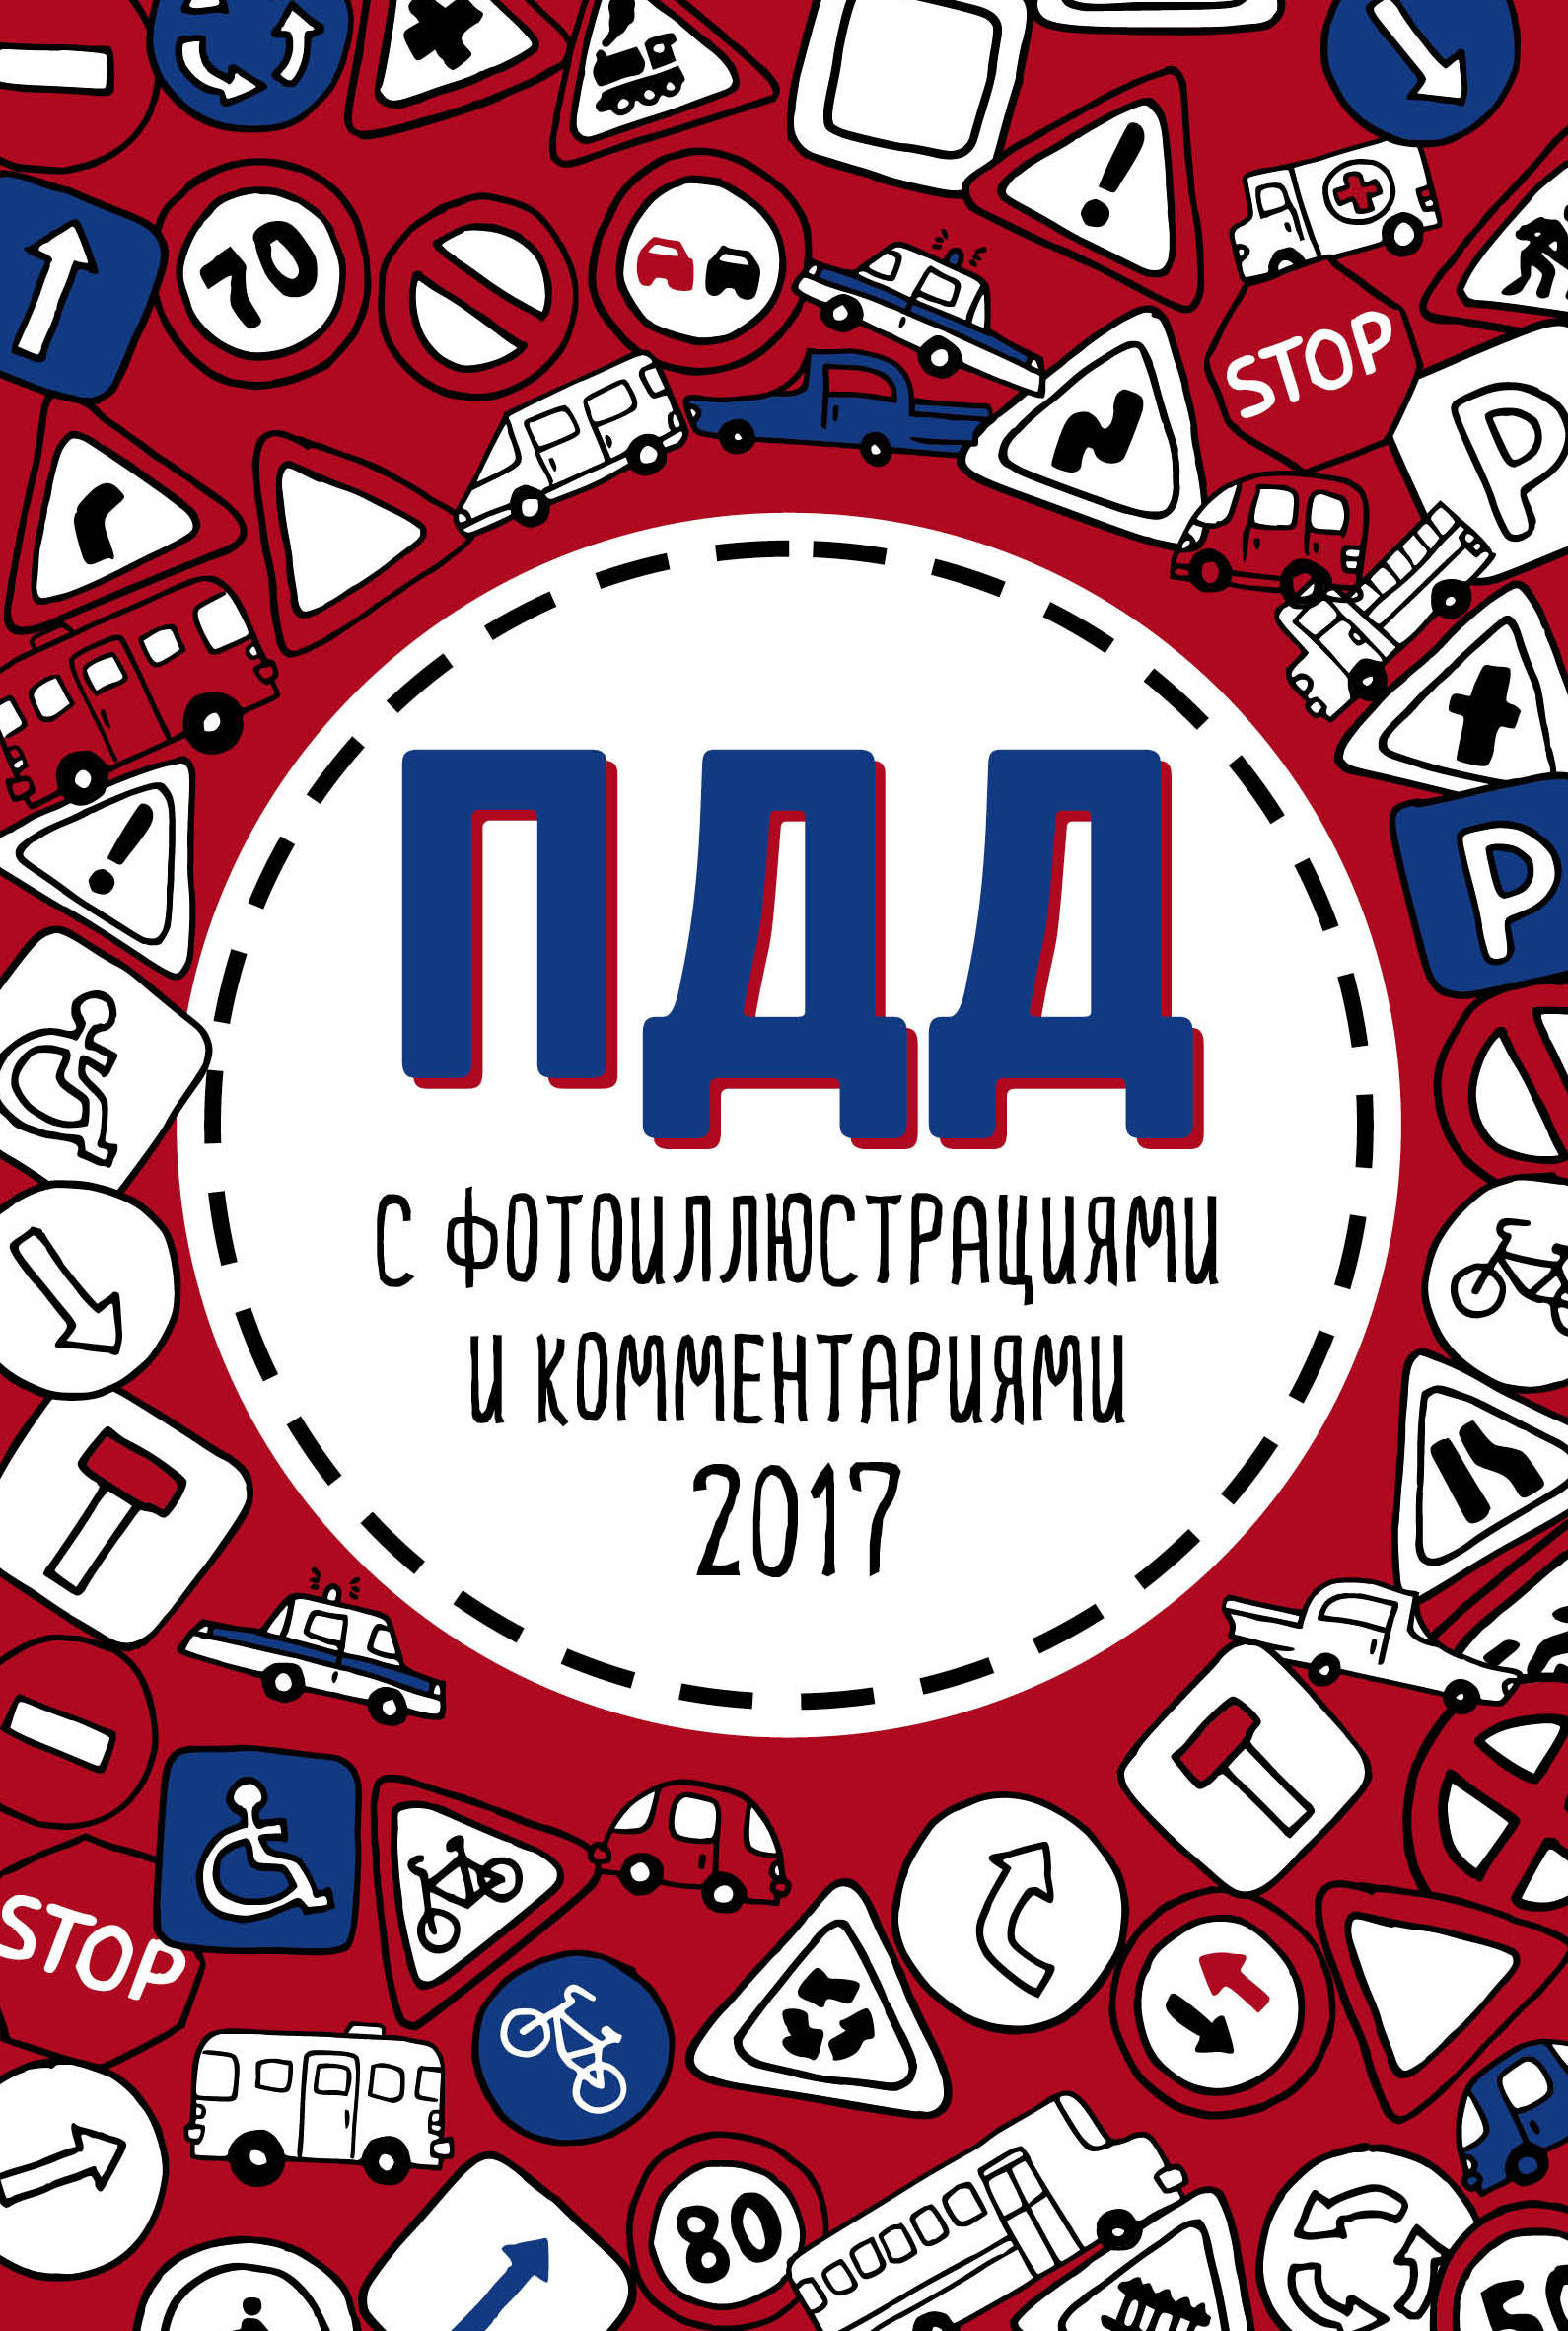 ПДД 2017 с фотоиллюстрациями и комментариями